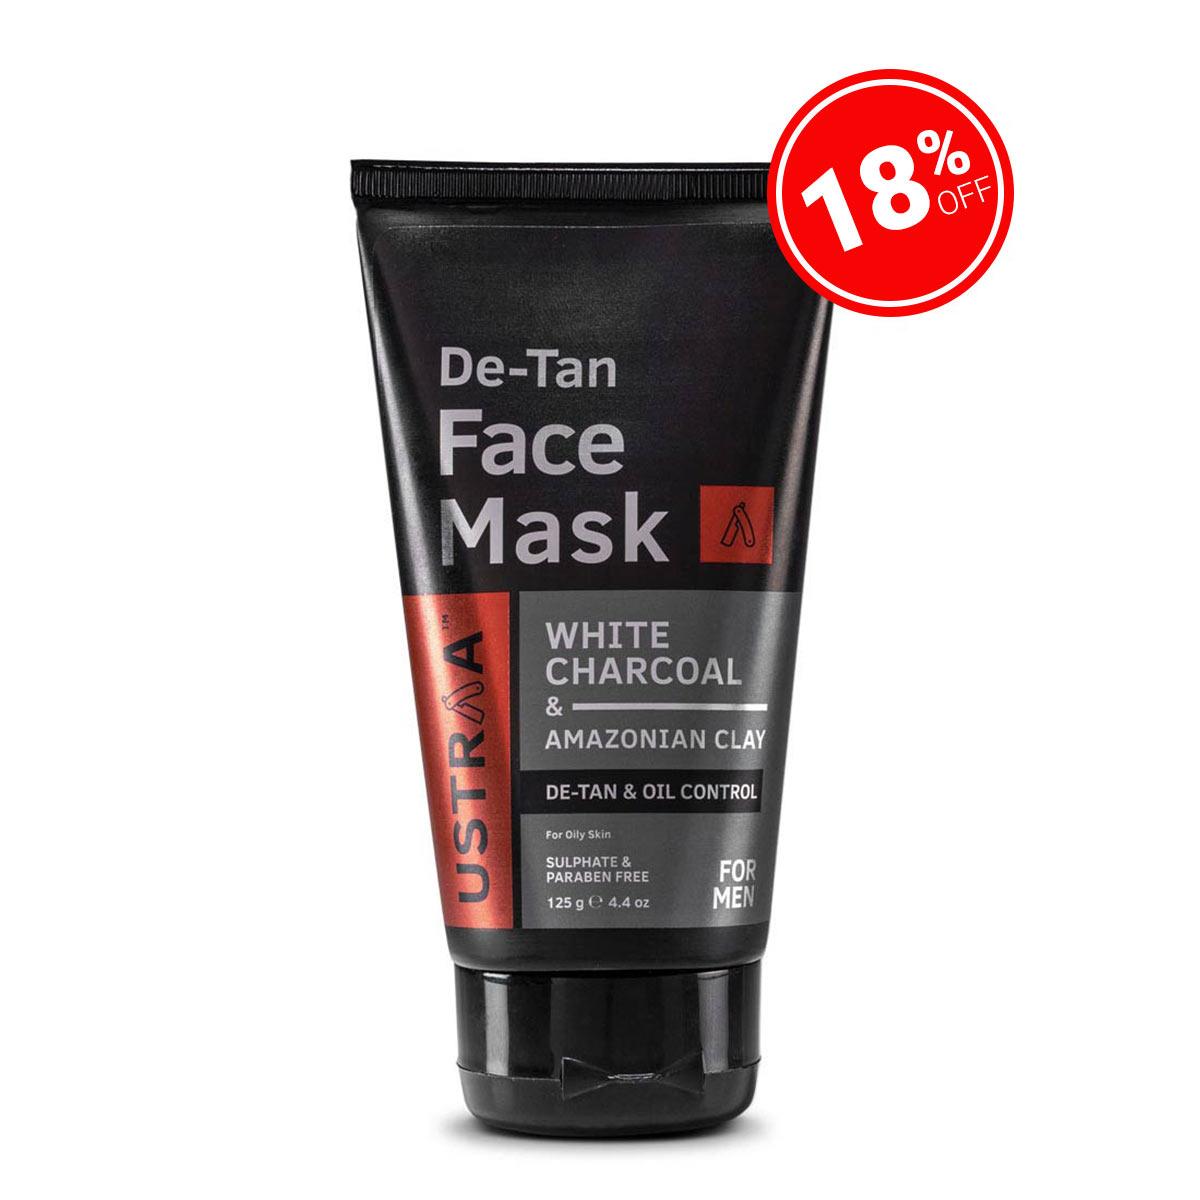 De-Tan Face Mask - Oily Skin  - 125 g